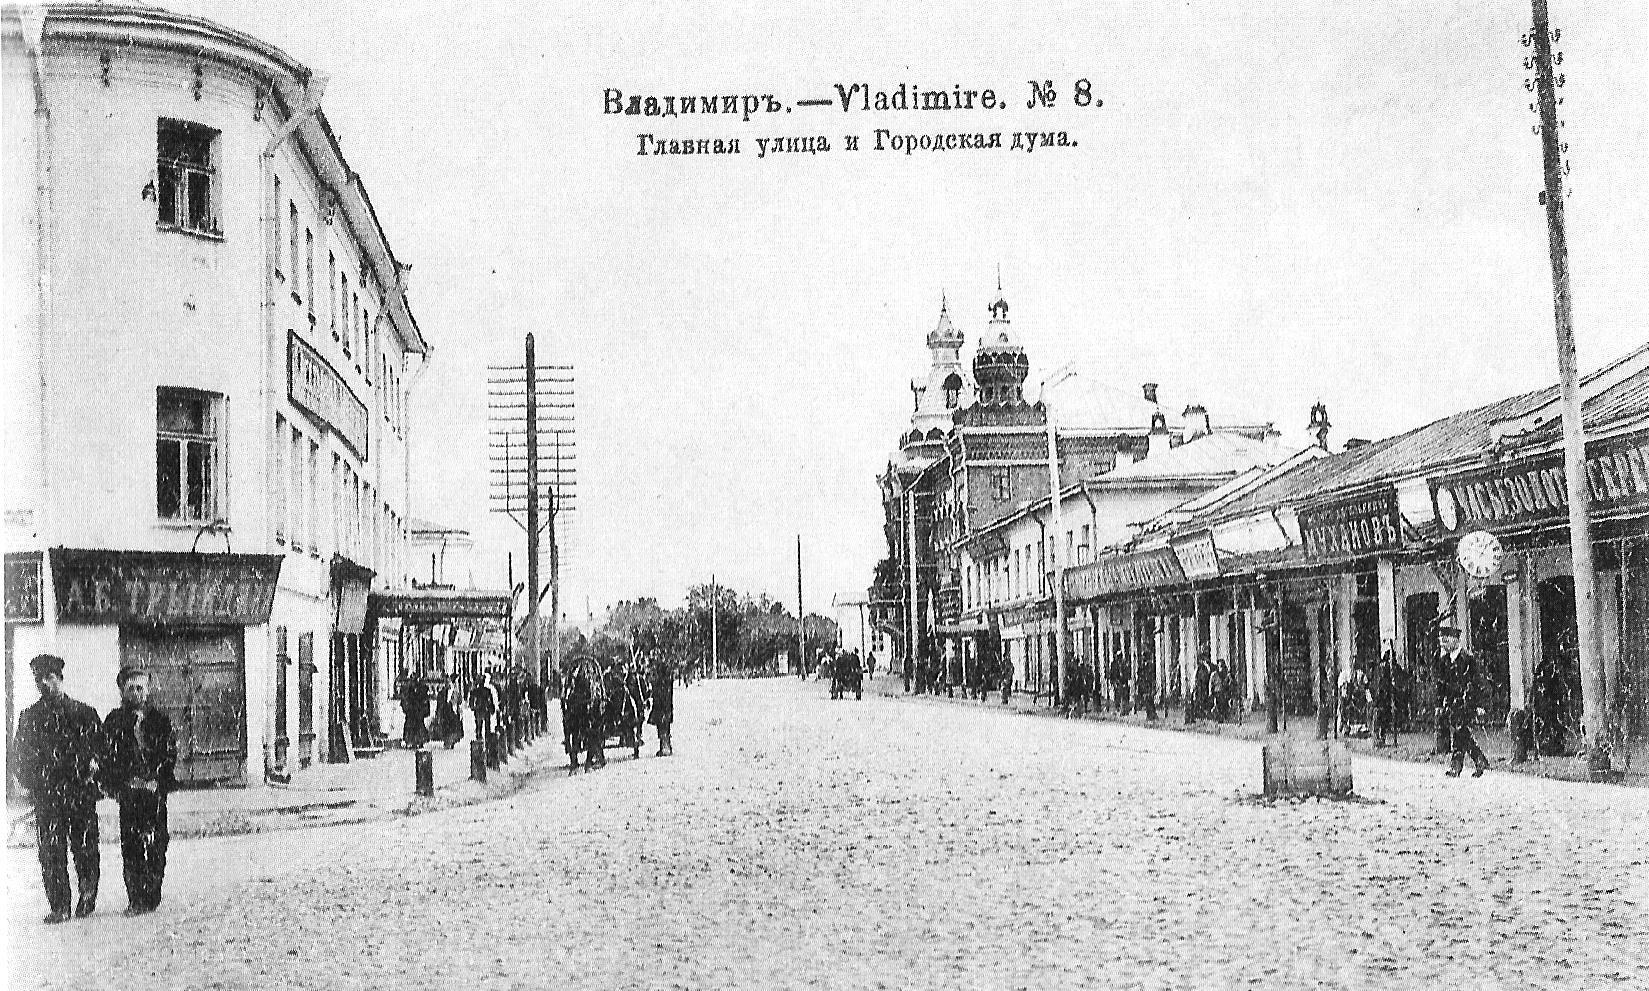 Главная улица и Городская дума